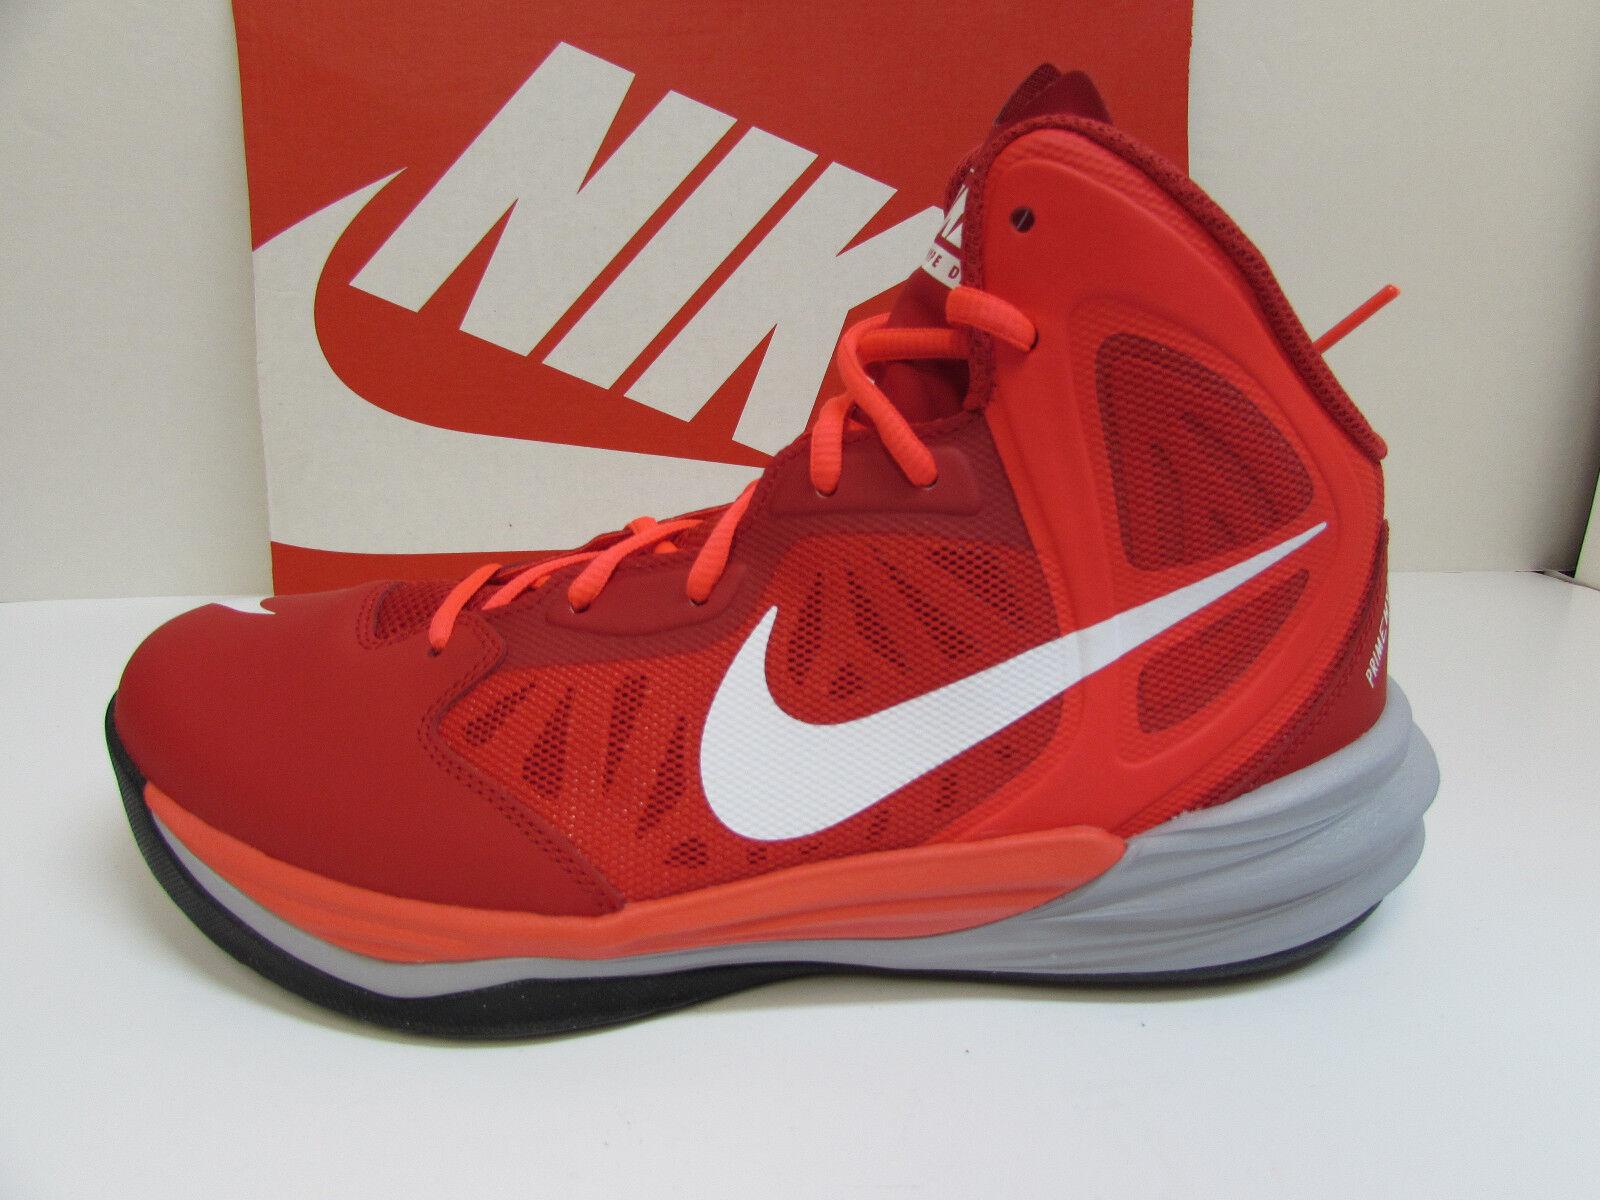 Nike dimensioni red primo hype hi - top scarpe da ginnastica nuove Uomo scarpe